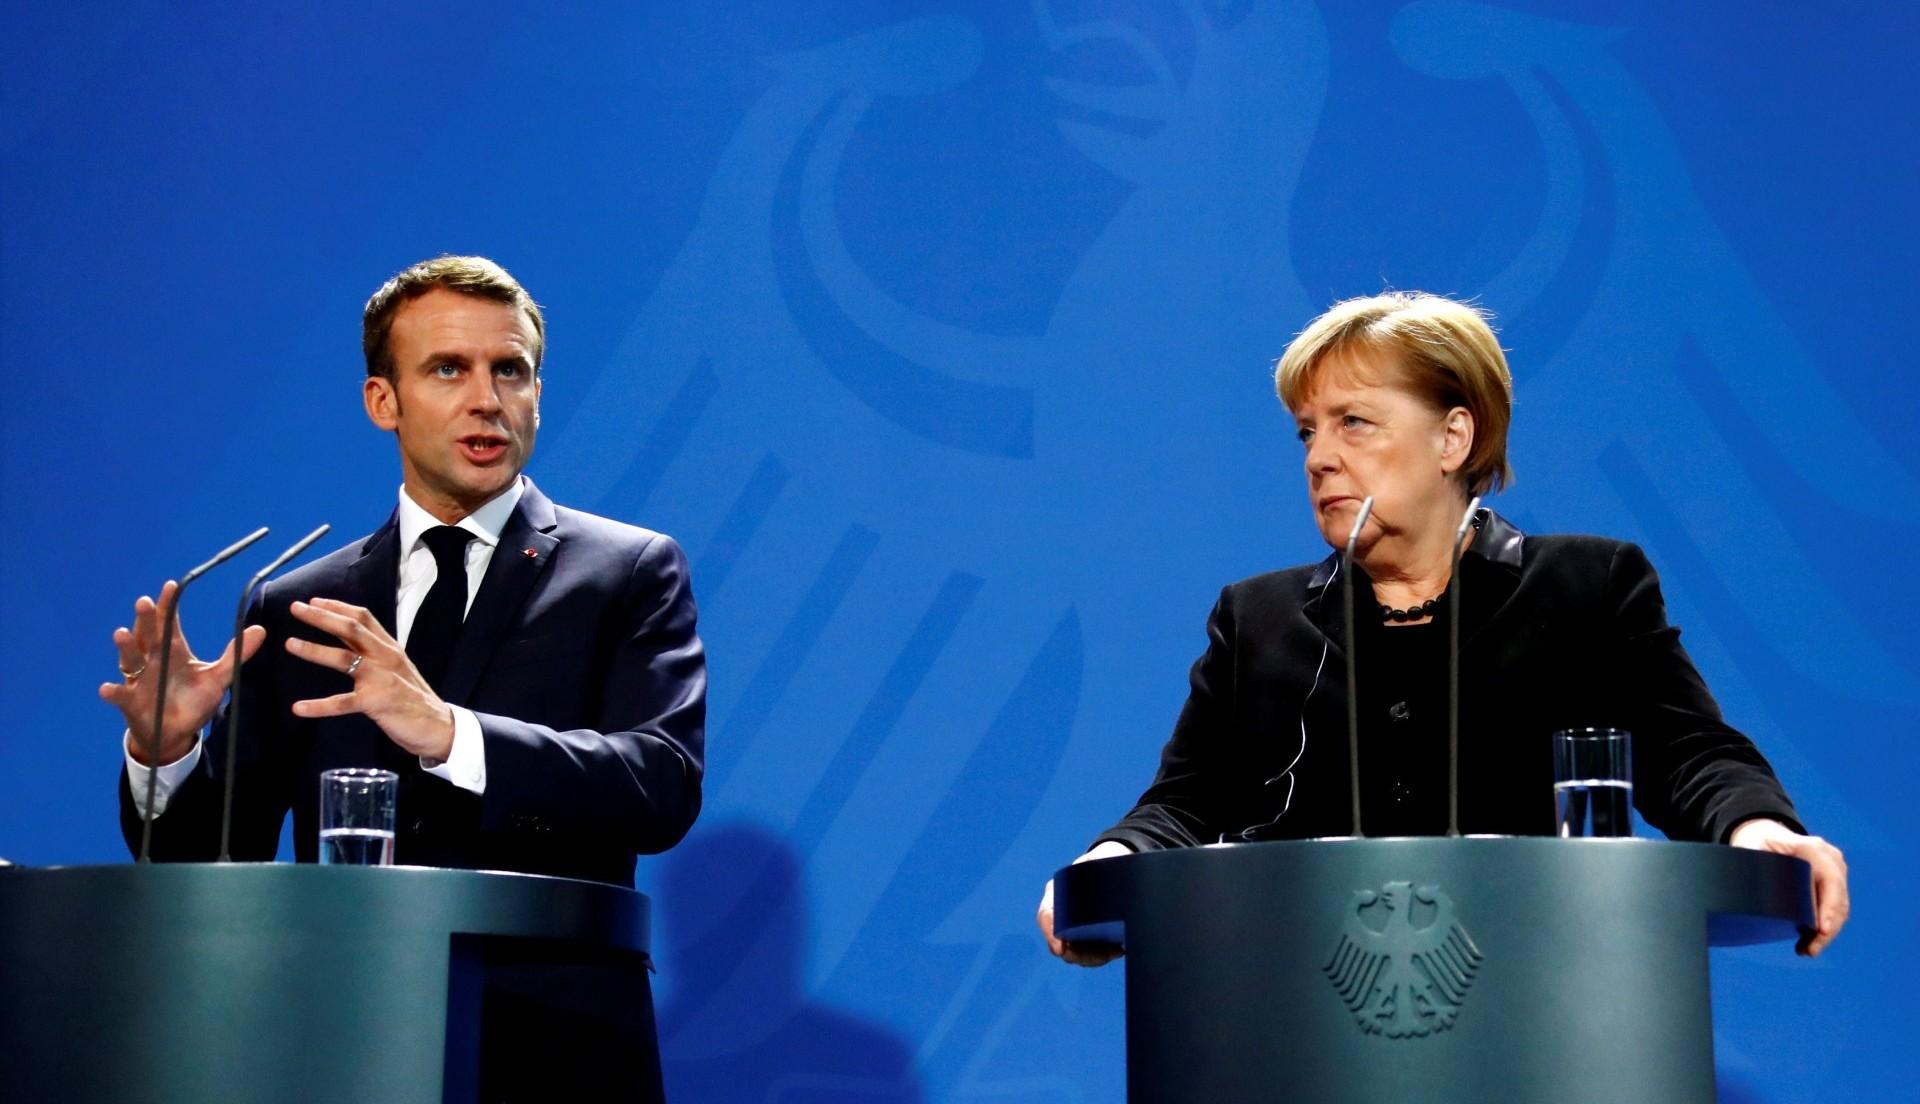 Europa le dio un ultimátum a Maduro (REUTERS/Fabrizio Bensch)